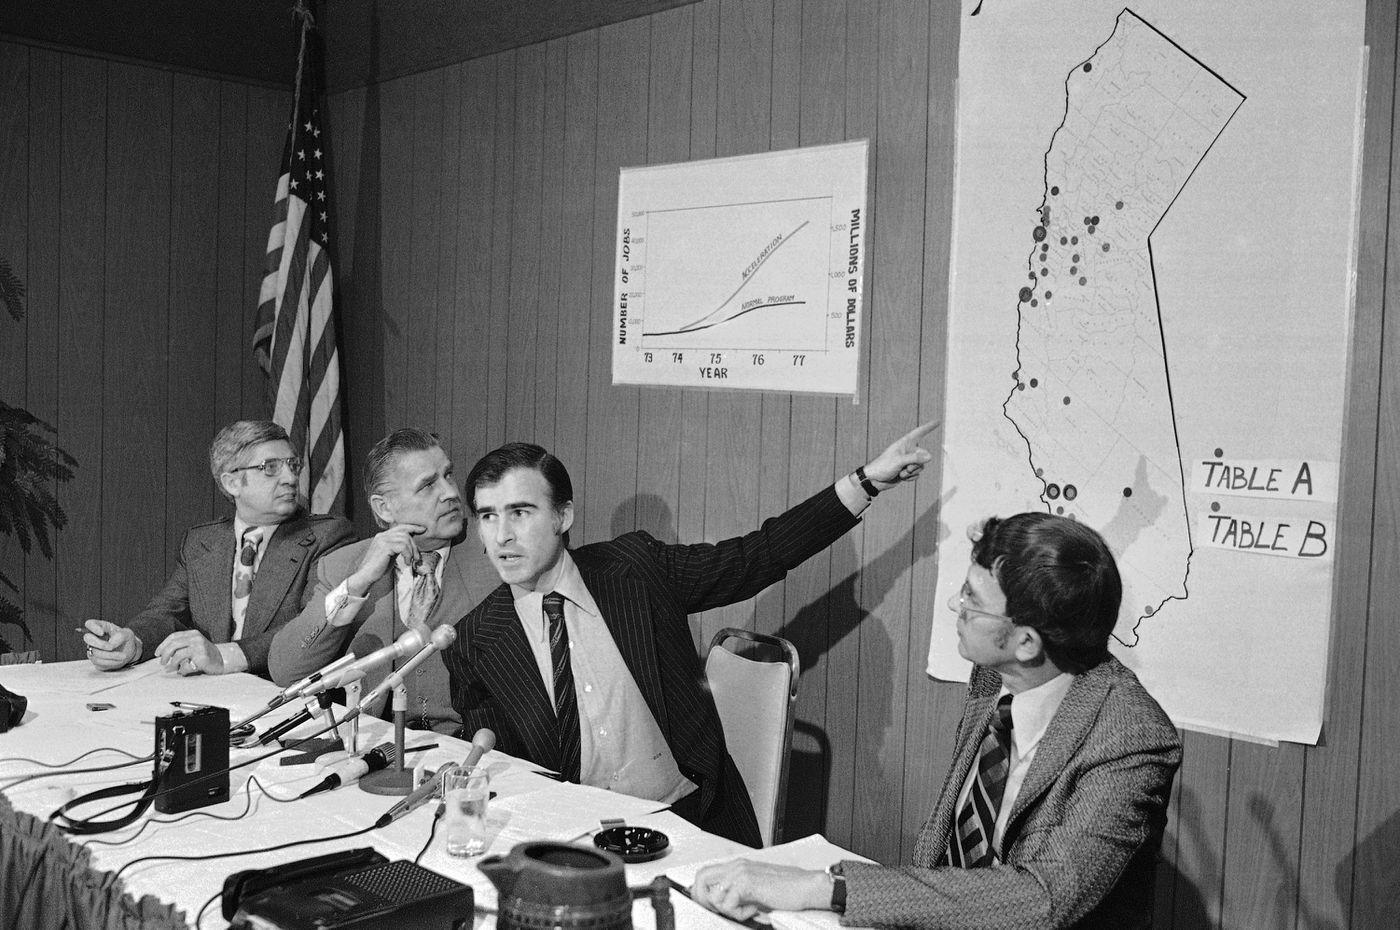 1975-03-01 CA's clean water program pinpointed.jpg